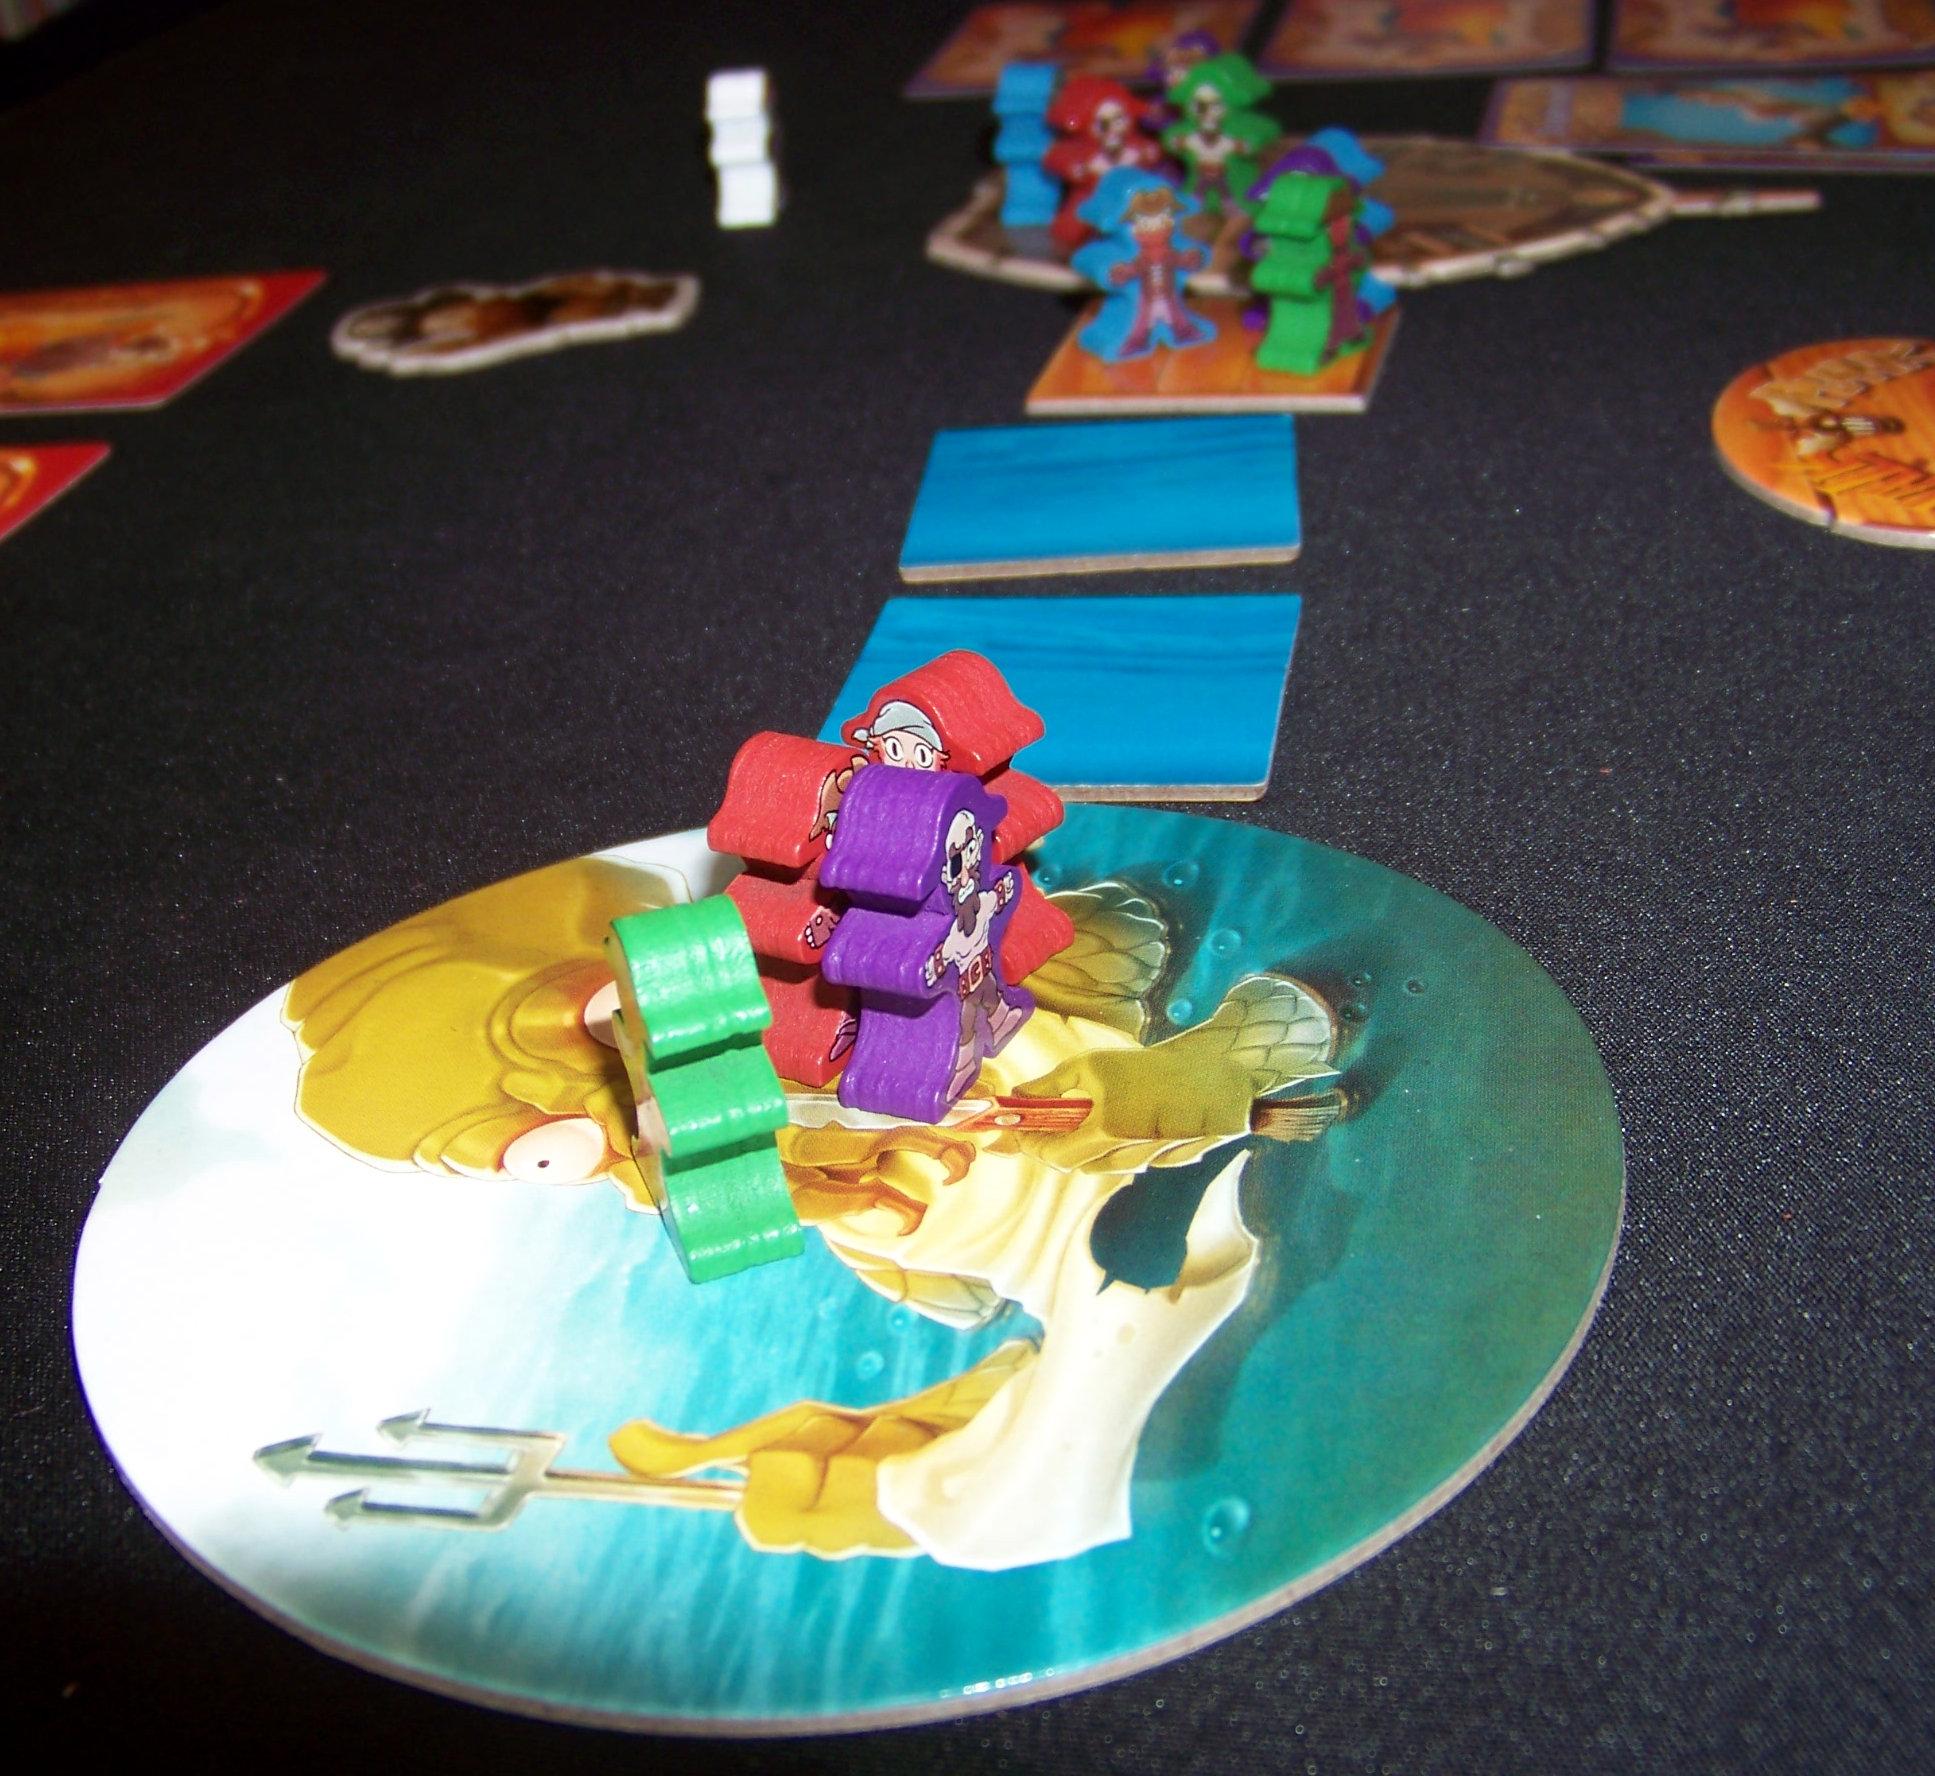 Juego de mesa Piratas al agua - detalle 2.